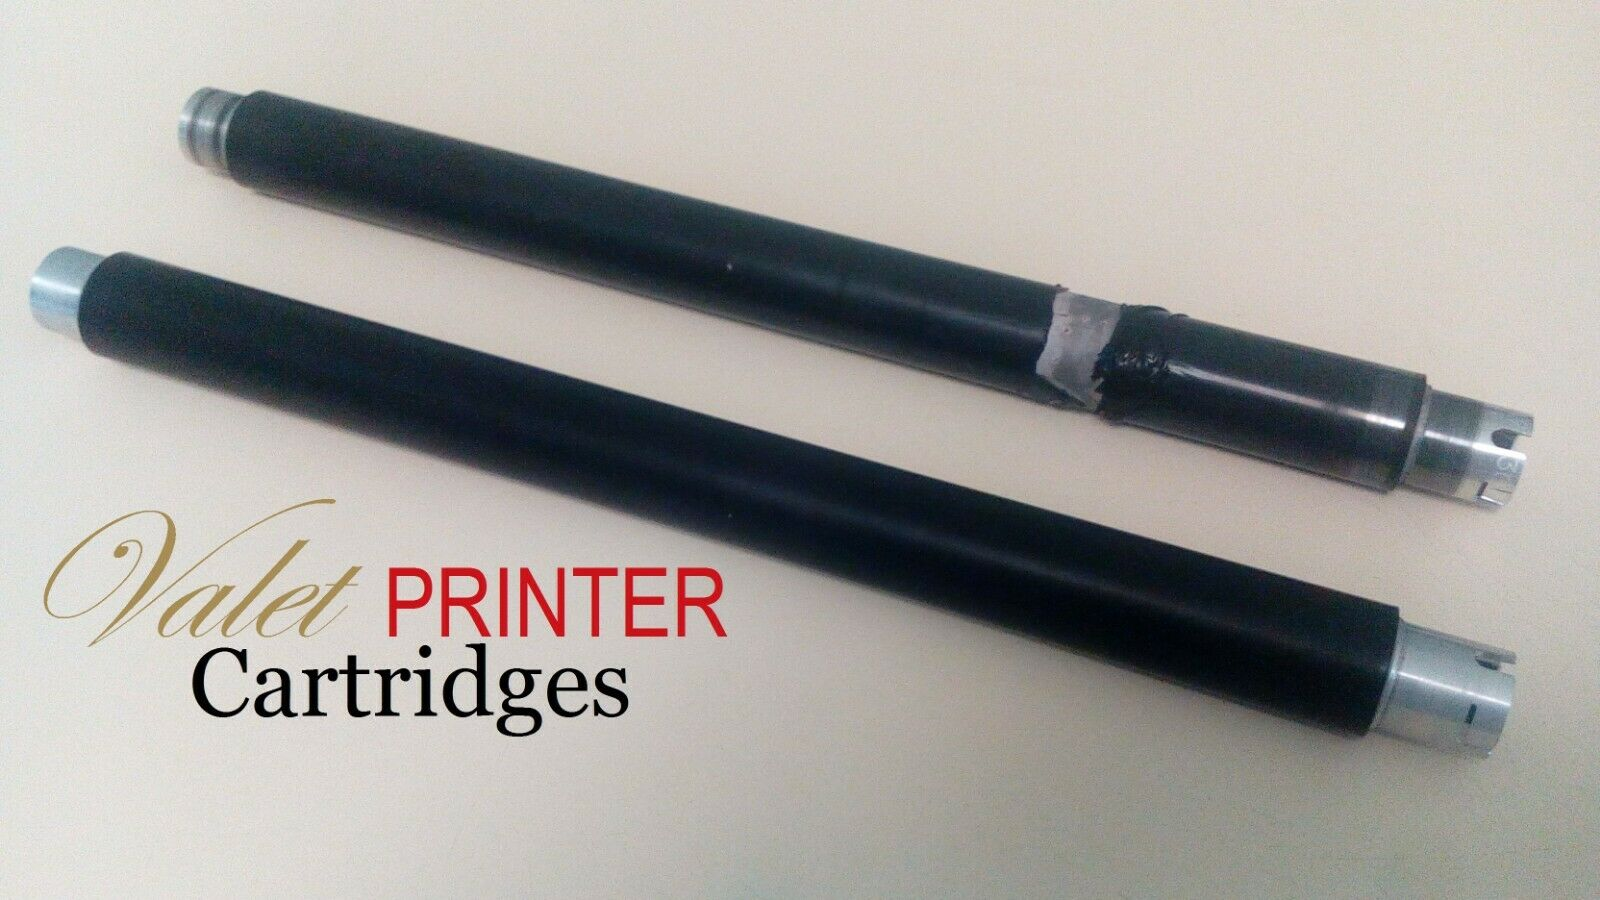 Upper Fuser Heat Roller Brother 9340 HL3140 HL3150 HL3170 MFC9130 MFC9140 New